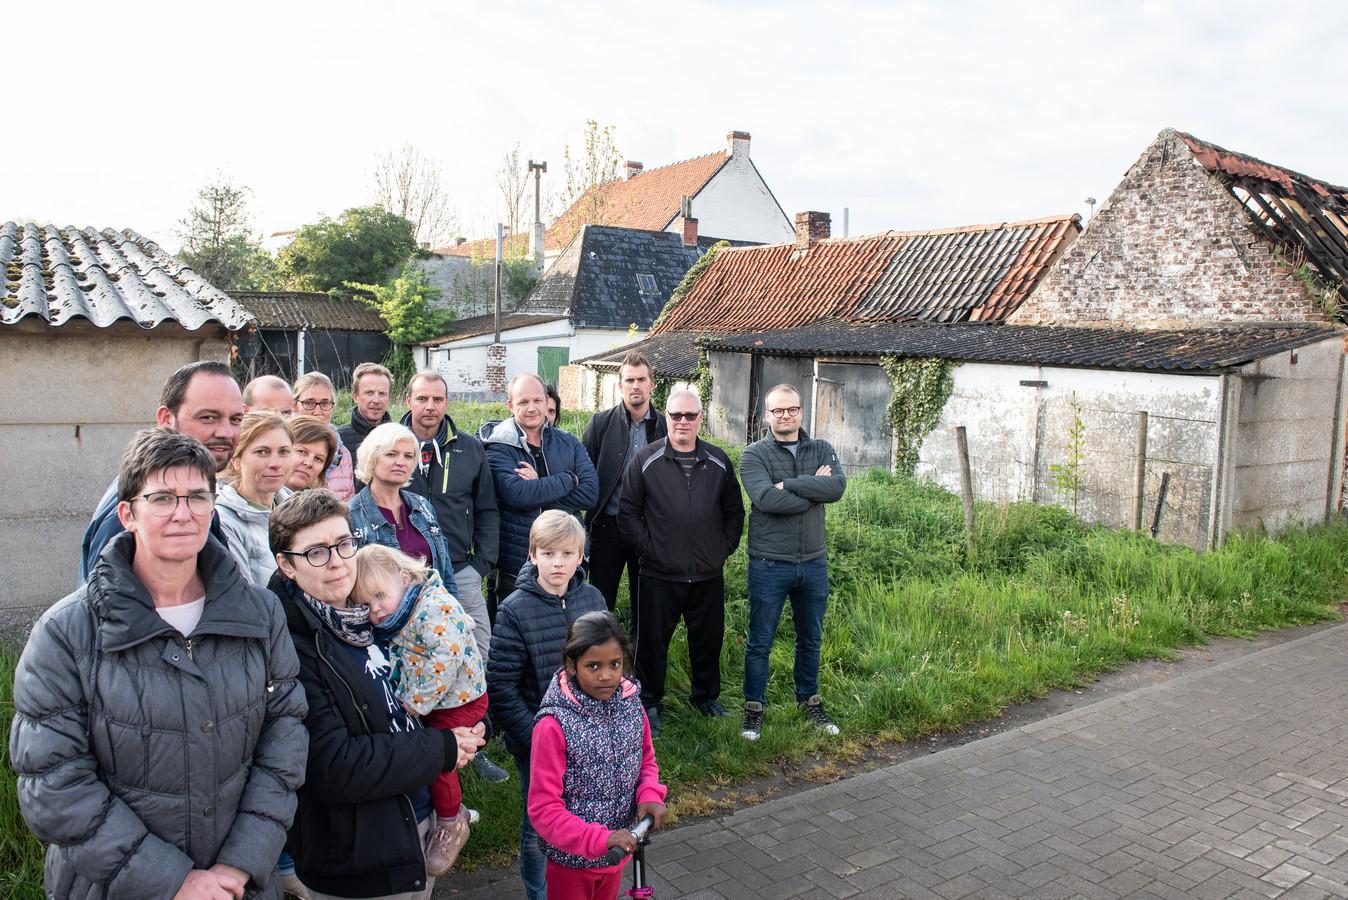 Bewoners van de Zwijndries en Vijverweide vinden het project niet passen in hun buurt.